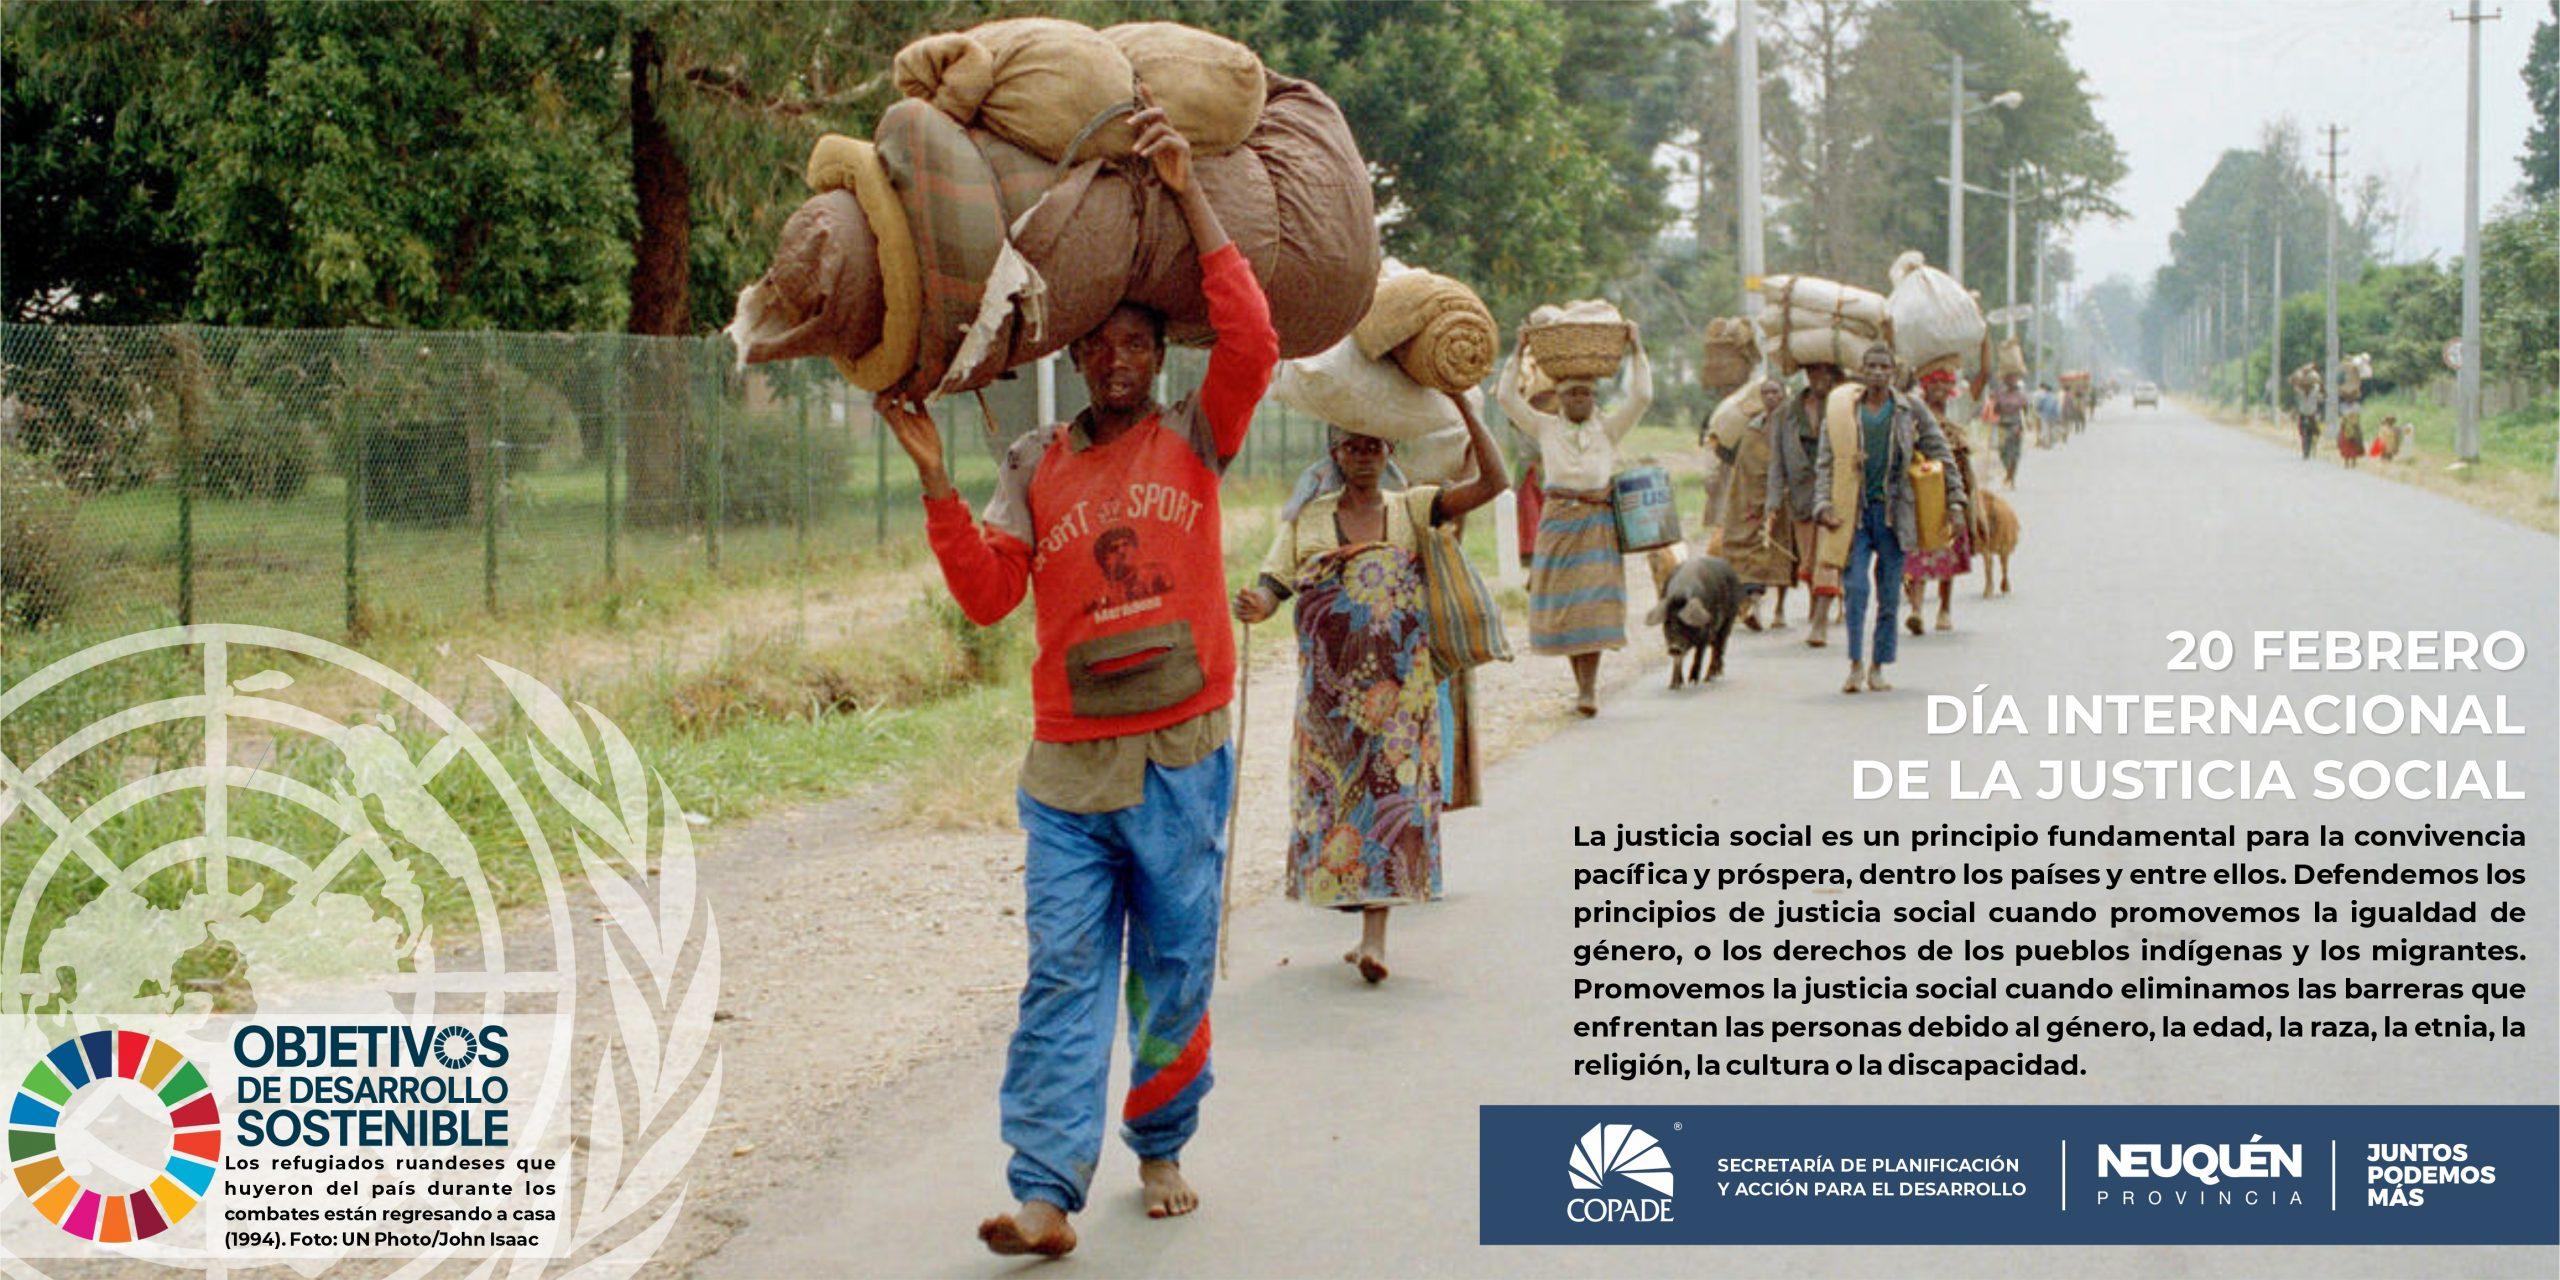 20 de Febrero | Día Mundial de la Justicia Social